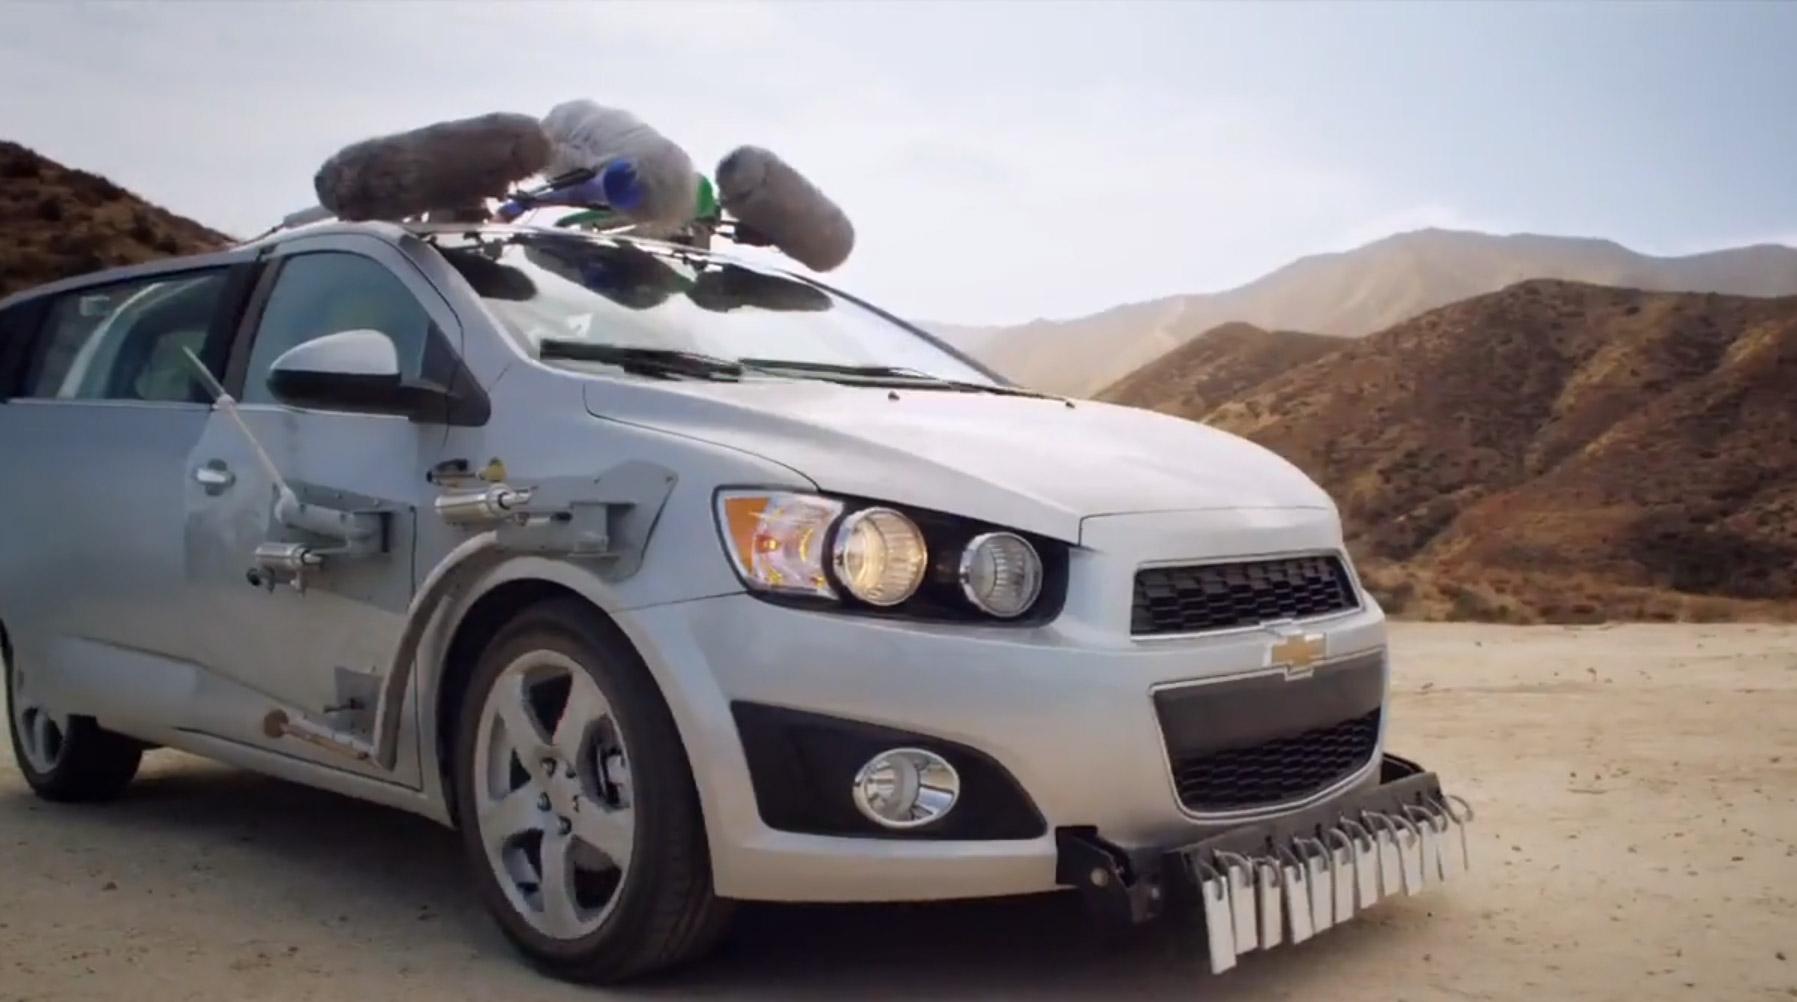 Машина – музыкальный инструмент: самое поразительное видео